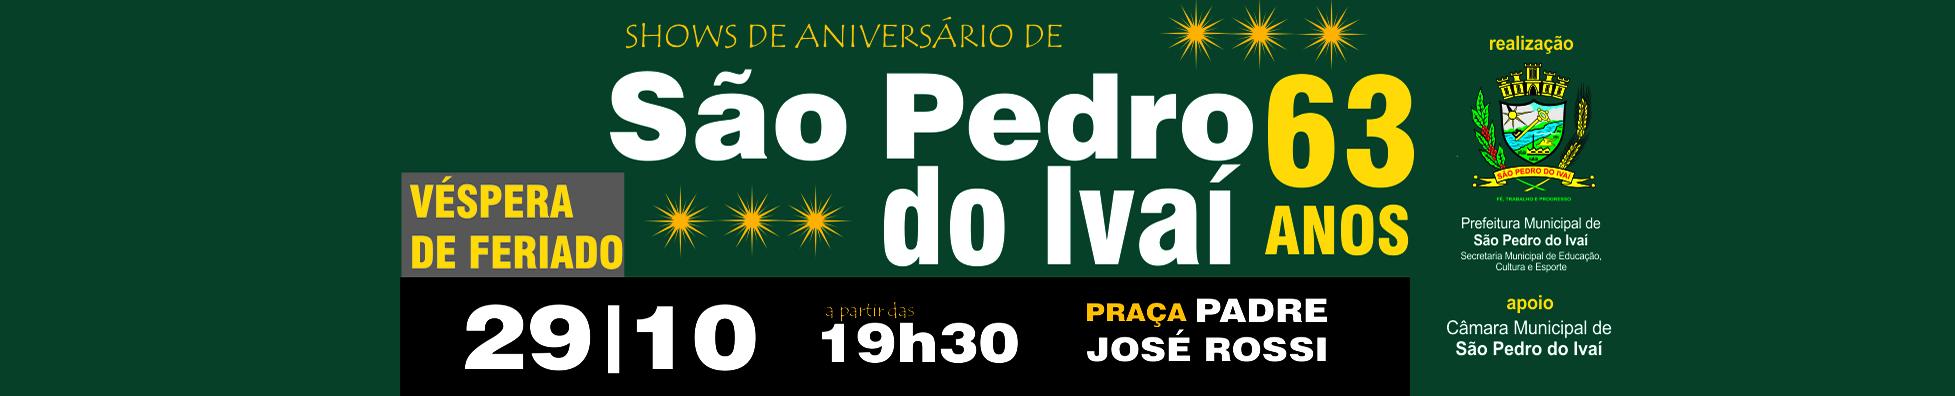 Aniversário de São Pedro do Ivaí 63 anos